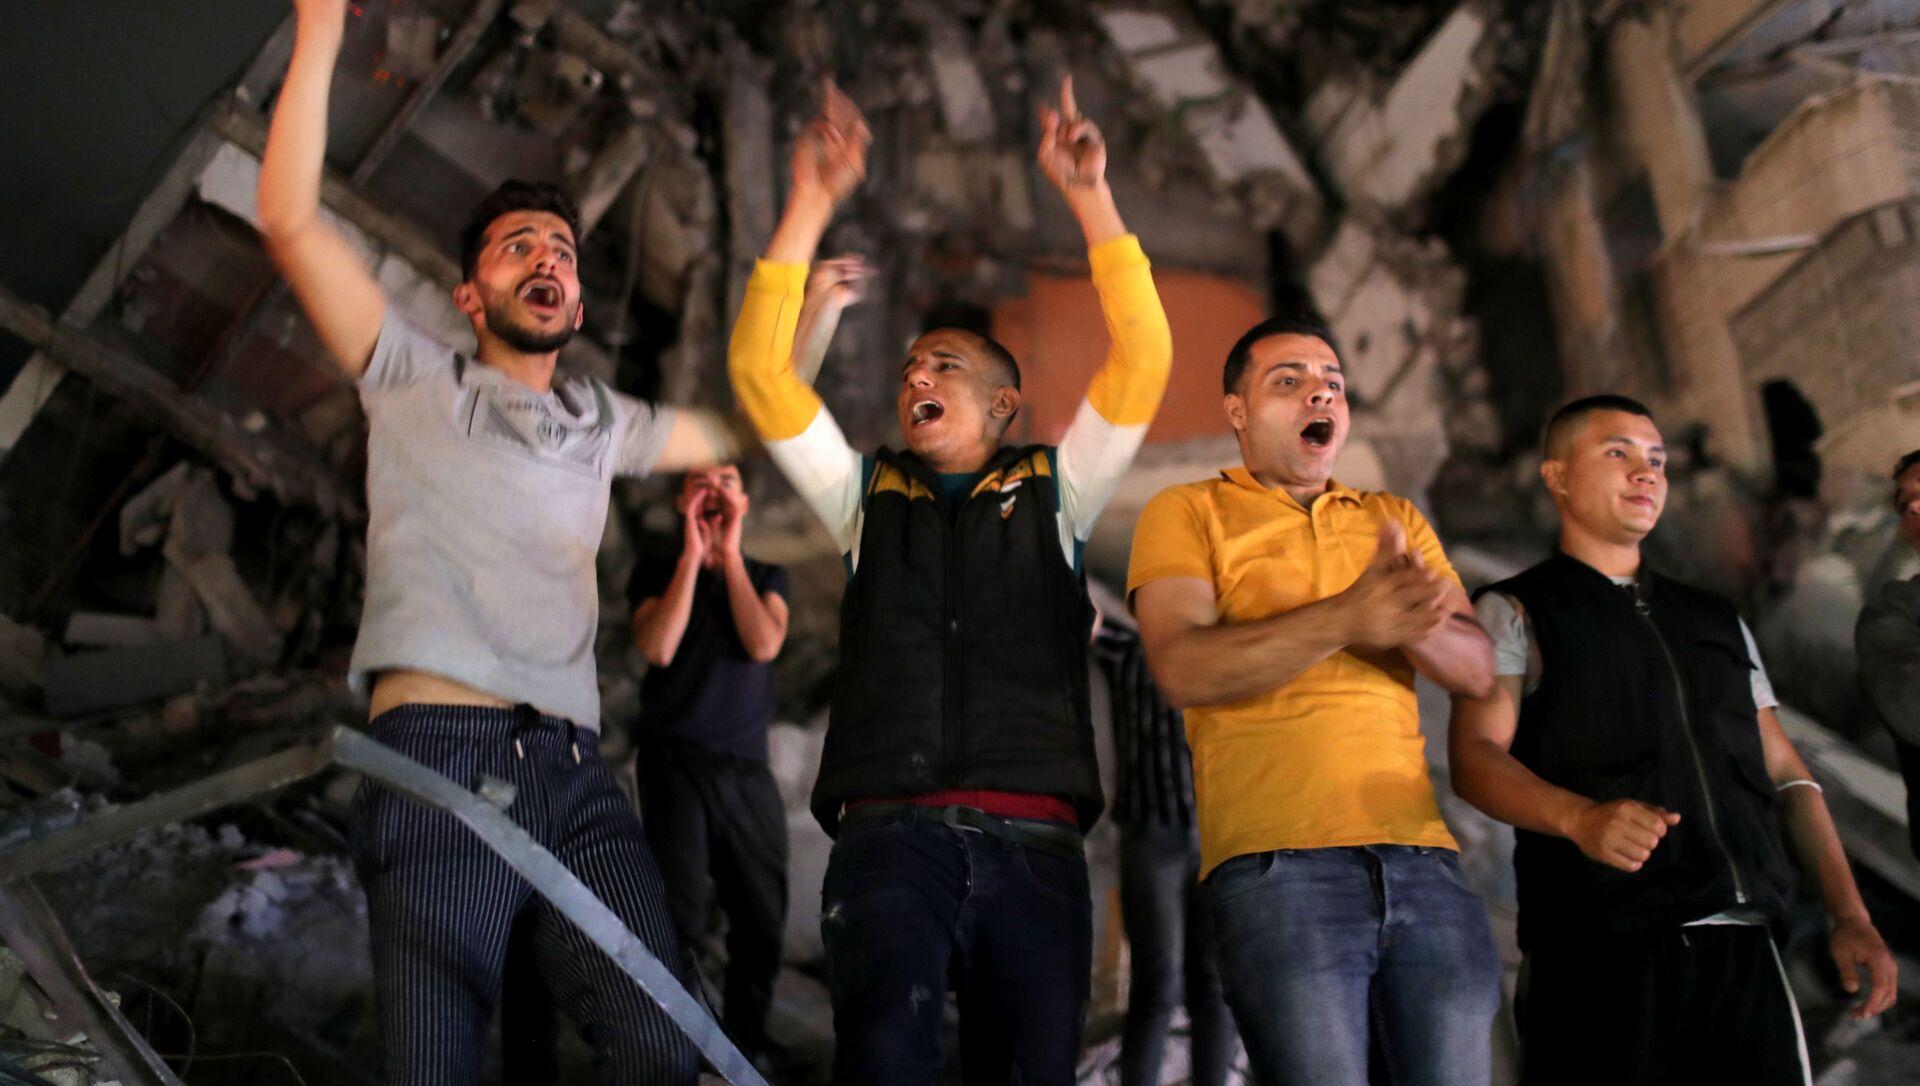 Палестинцы празднуют на улицах прекращение огня в секторе Газа - Sputnik Беларусь, 1920, 21.05.2021